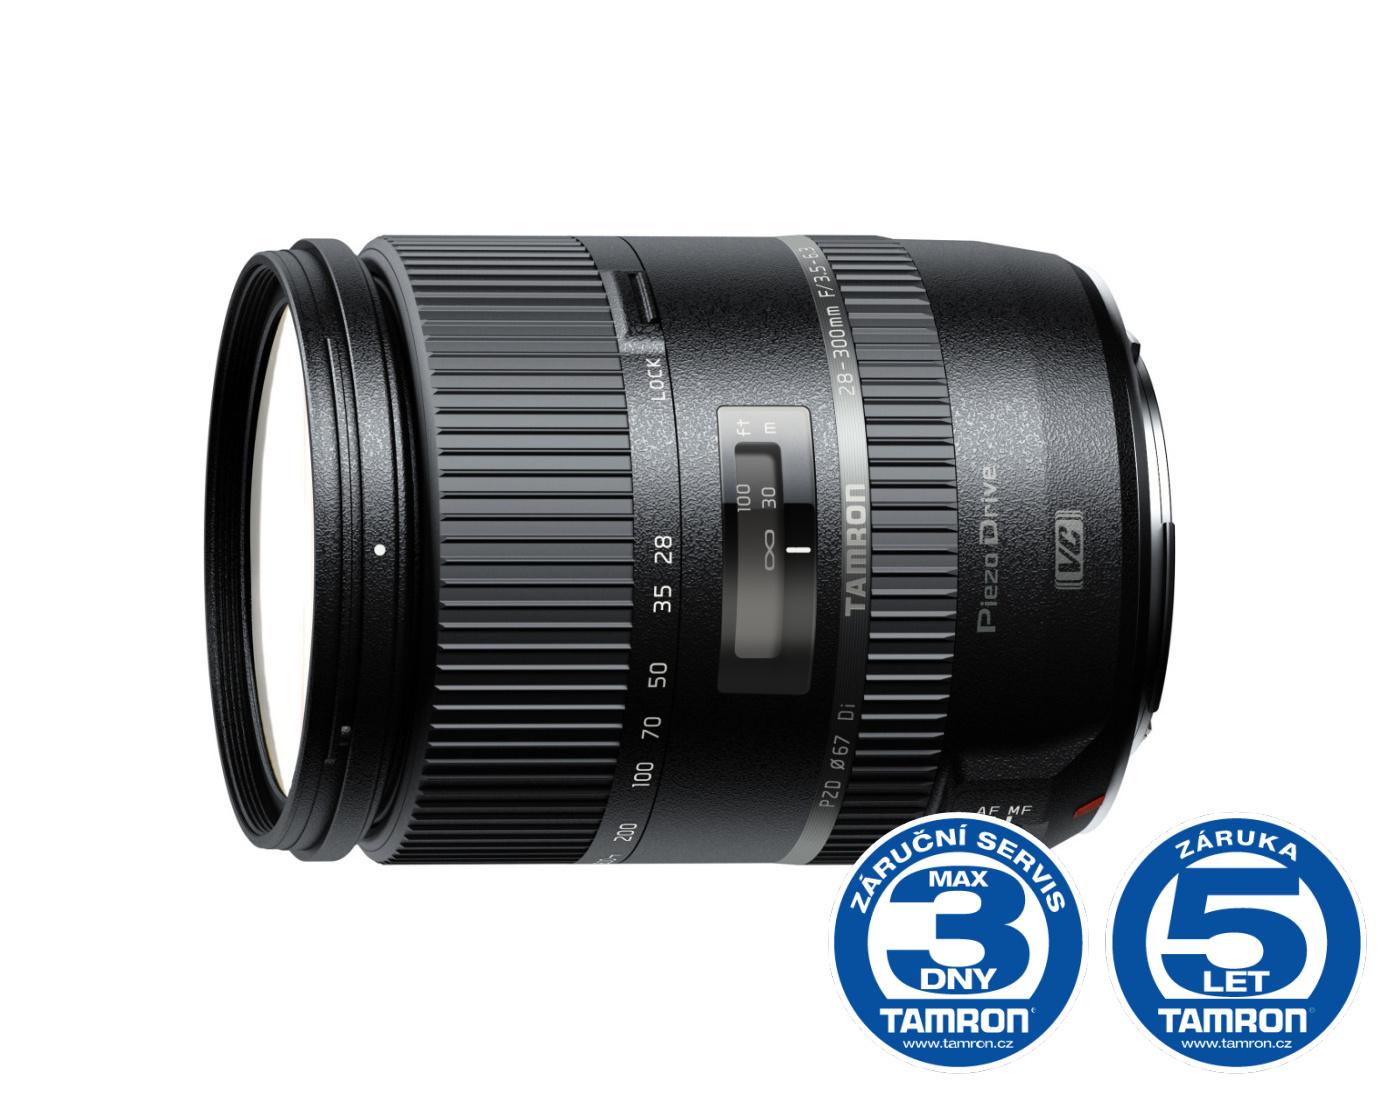 Tamron 28-300mm F/3.5-6.3 Di VC PZD Canon